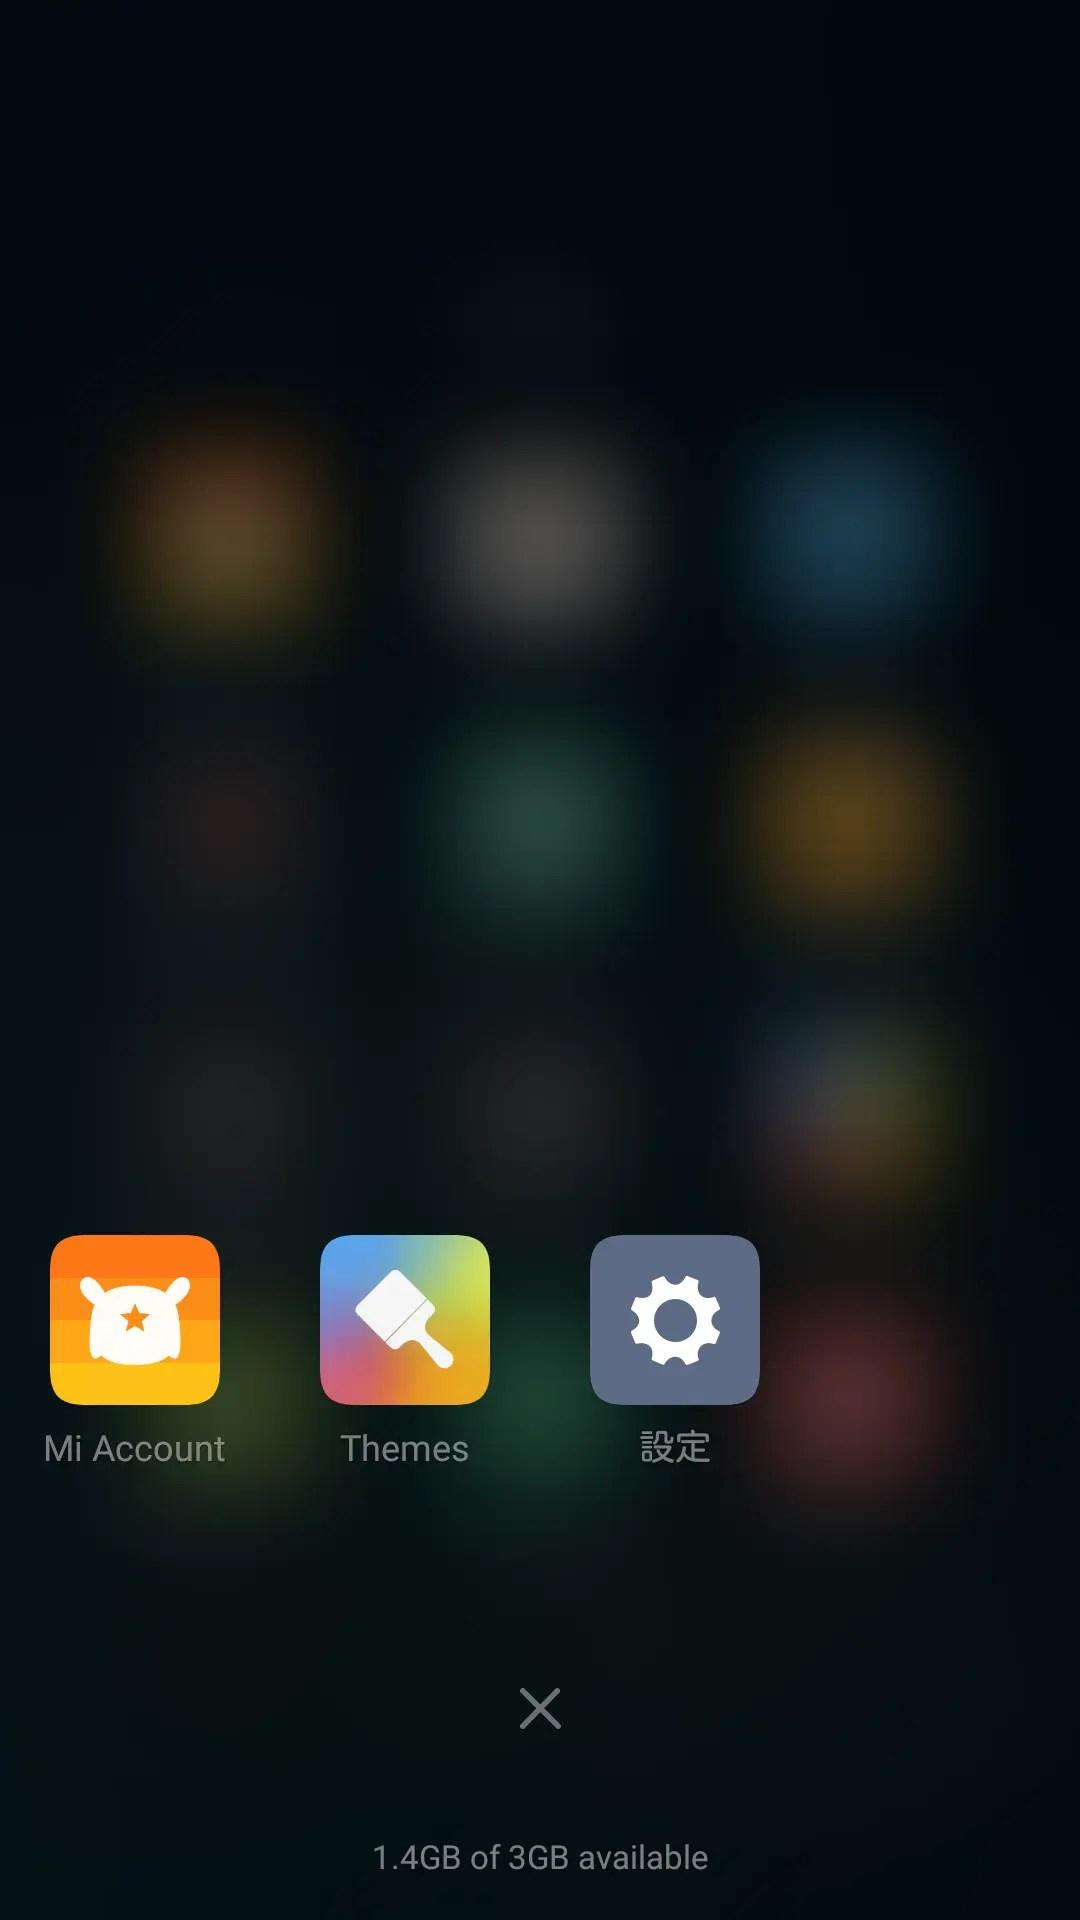 使わないときはメニューボタンからアプリ終了したほうがバッテリー節約できそう